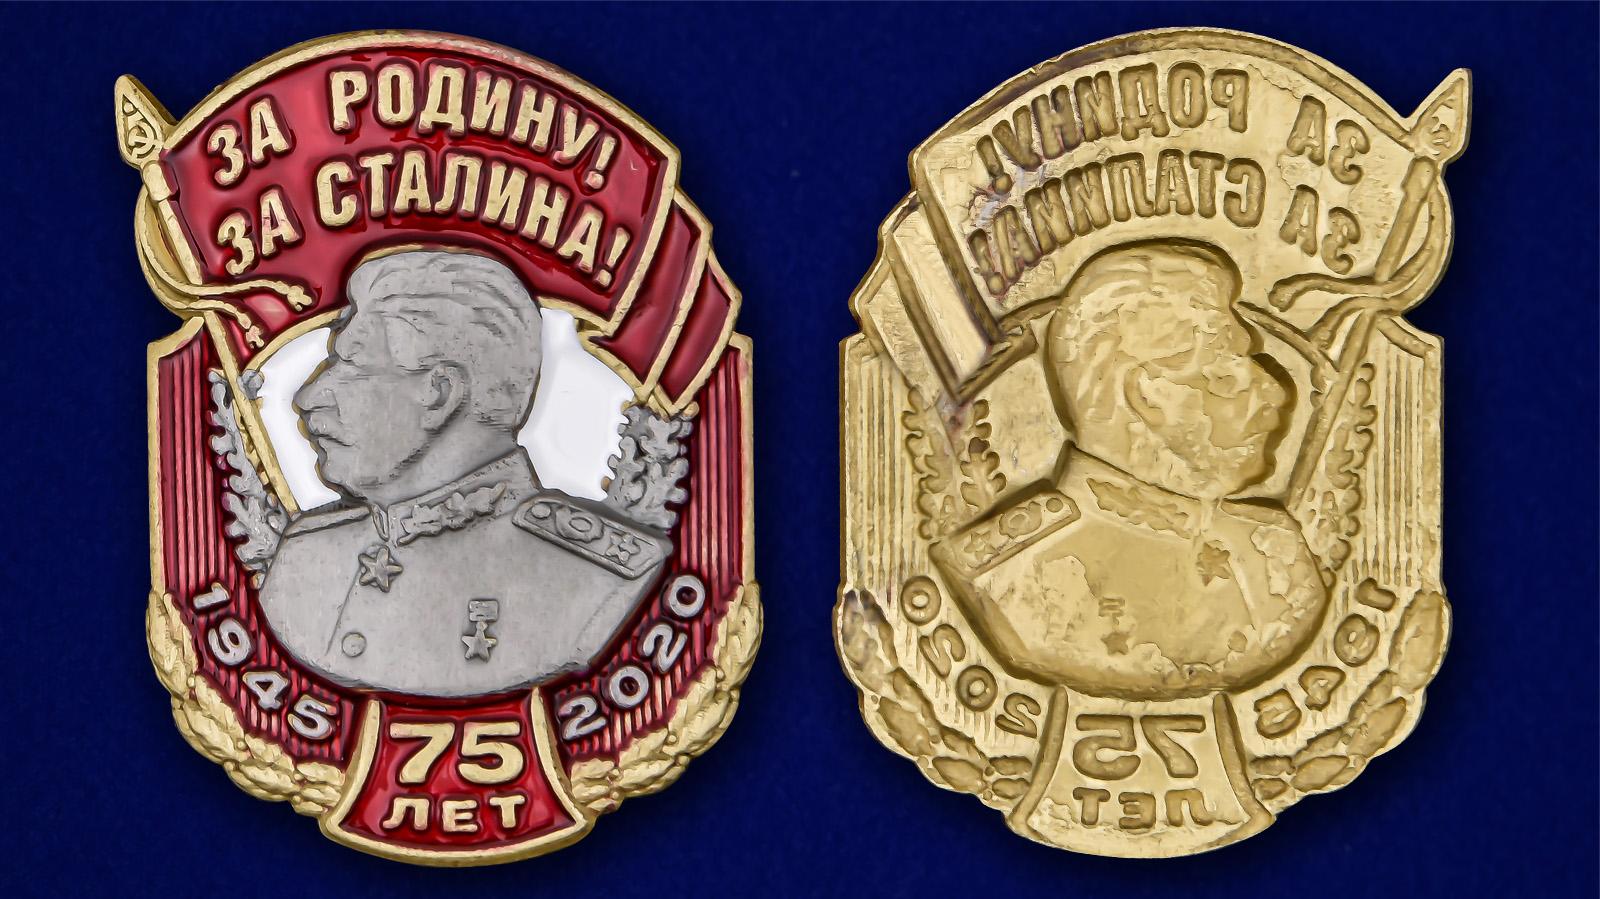 """Юбилейная накладка """"За Родину! За Сталина!"""" - универсальный декор"""